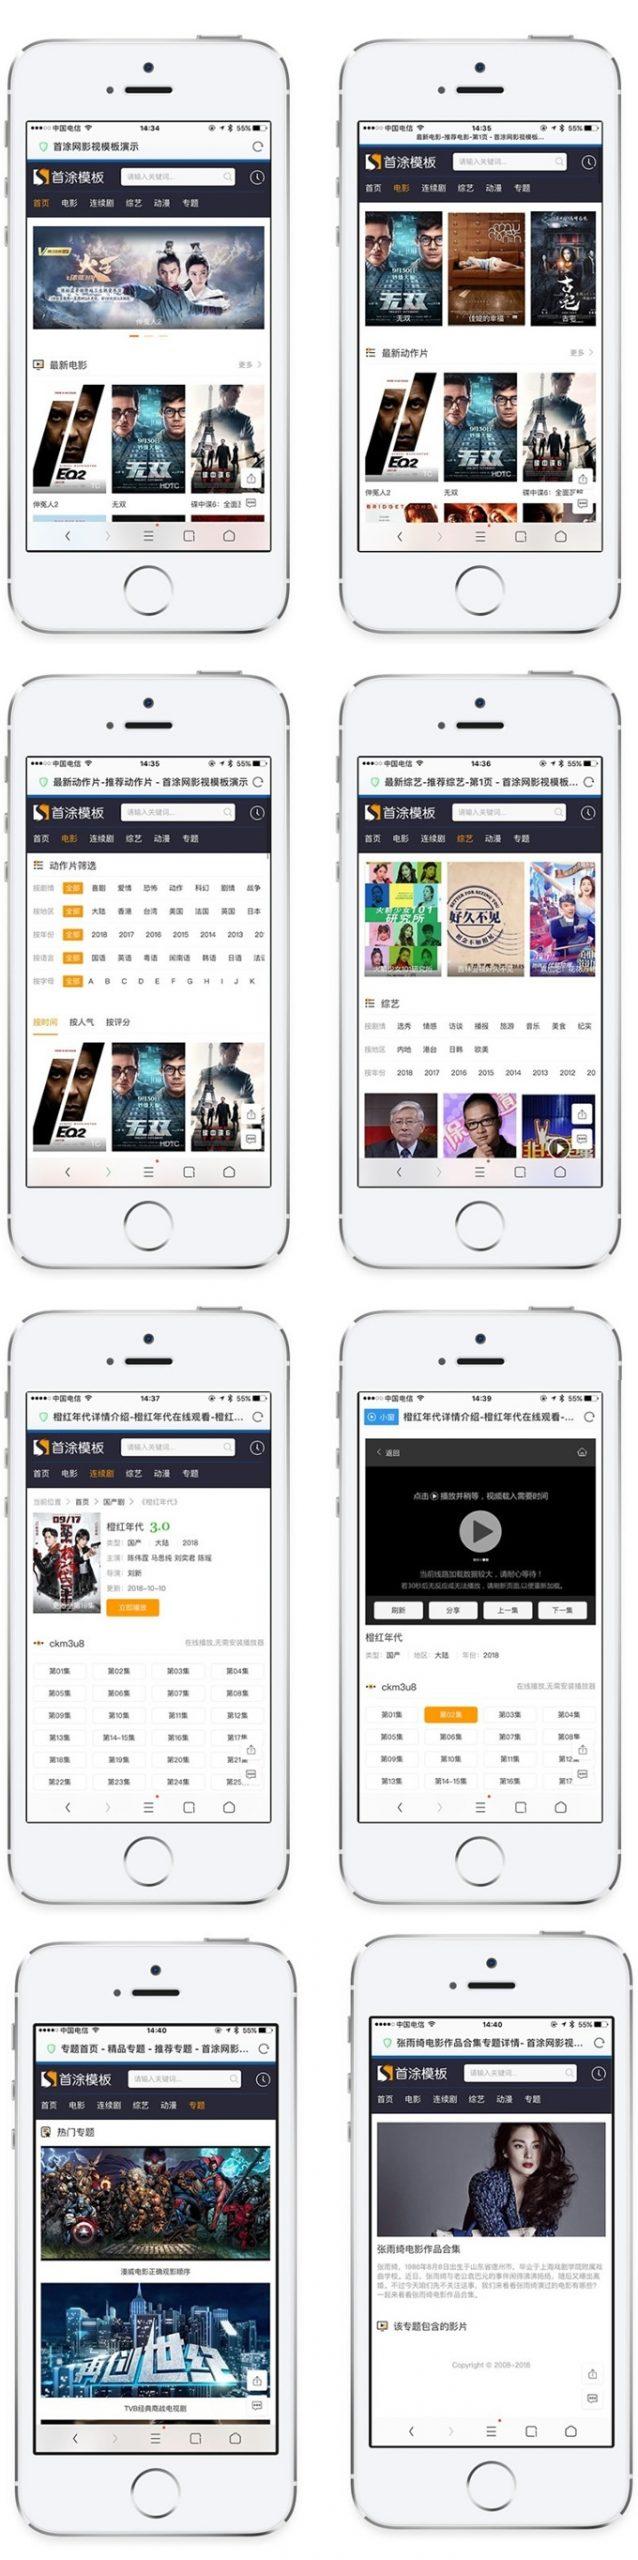 苹果cmsv10首涂风格电影网站整站源码